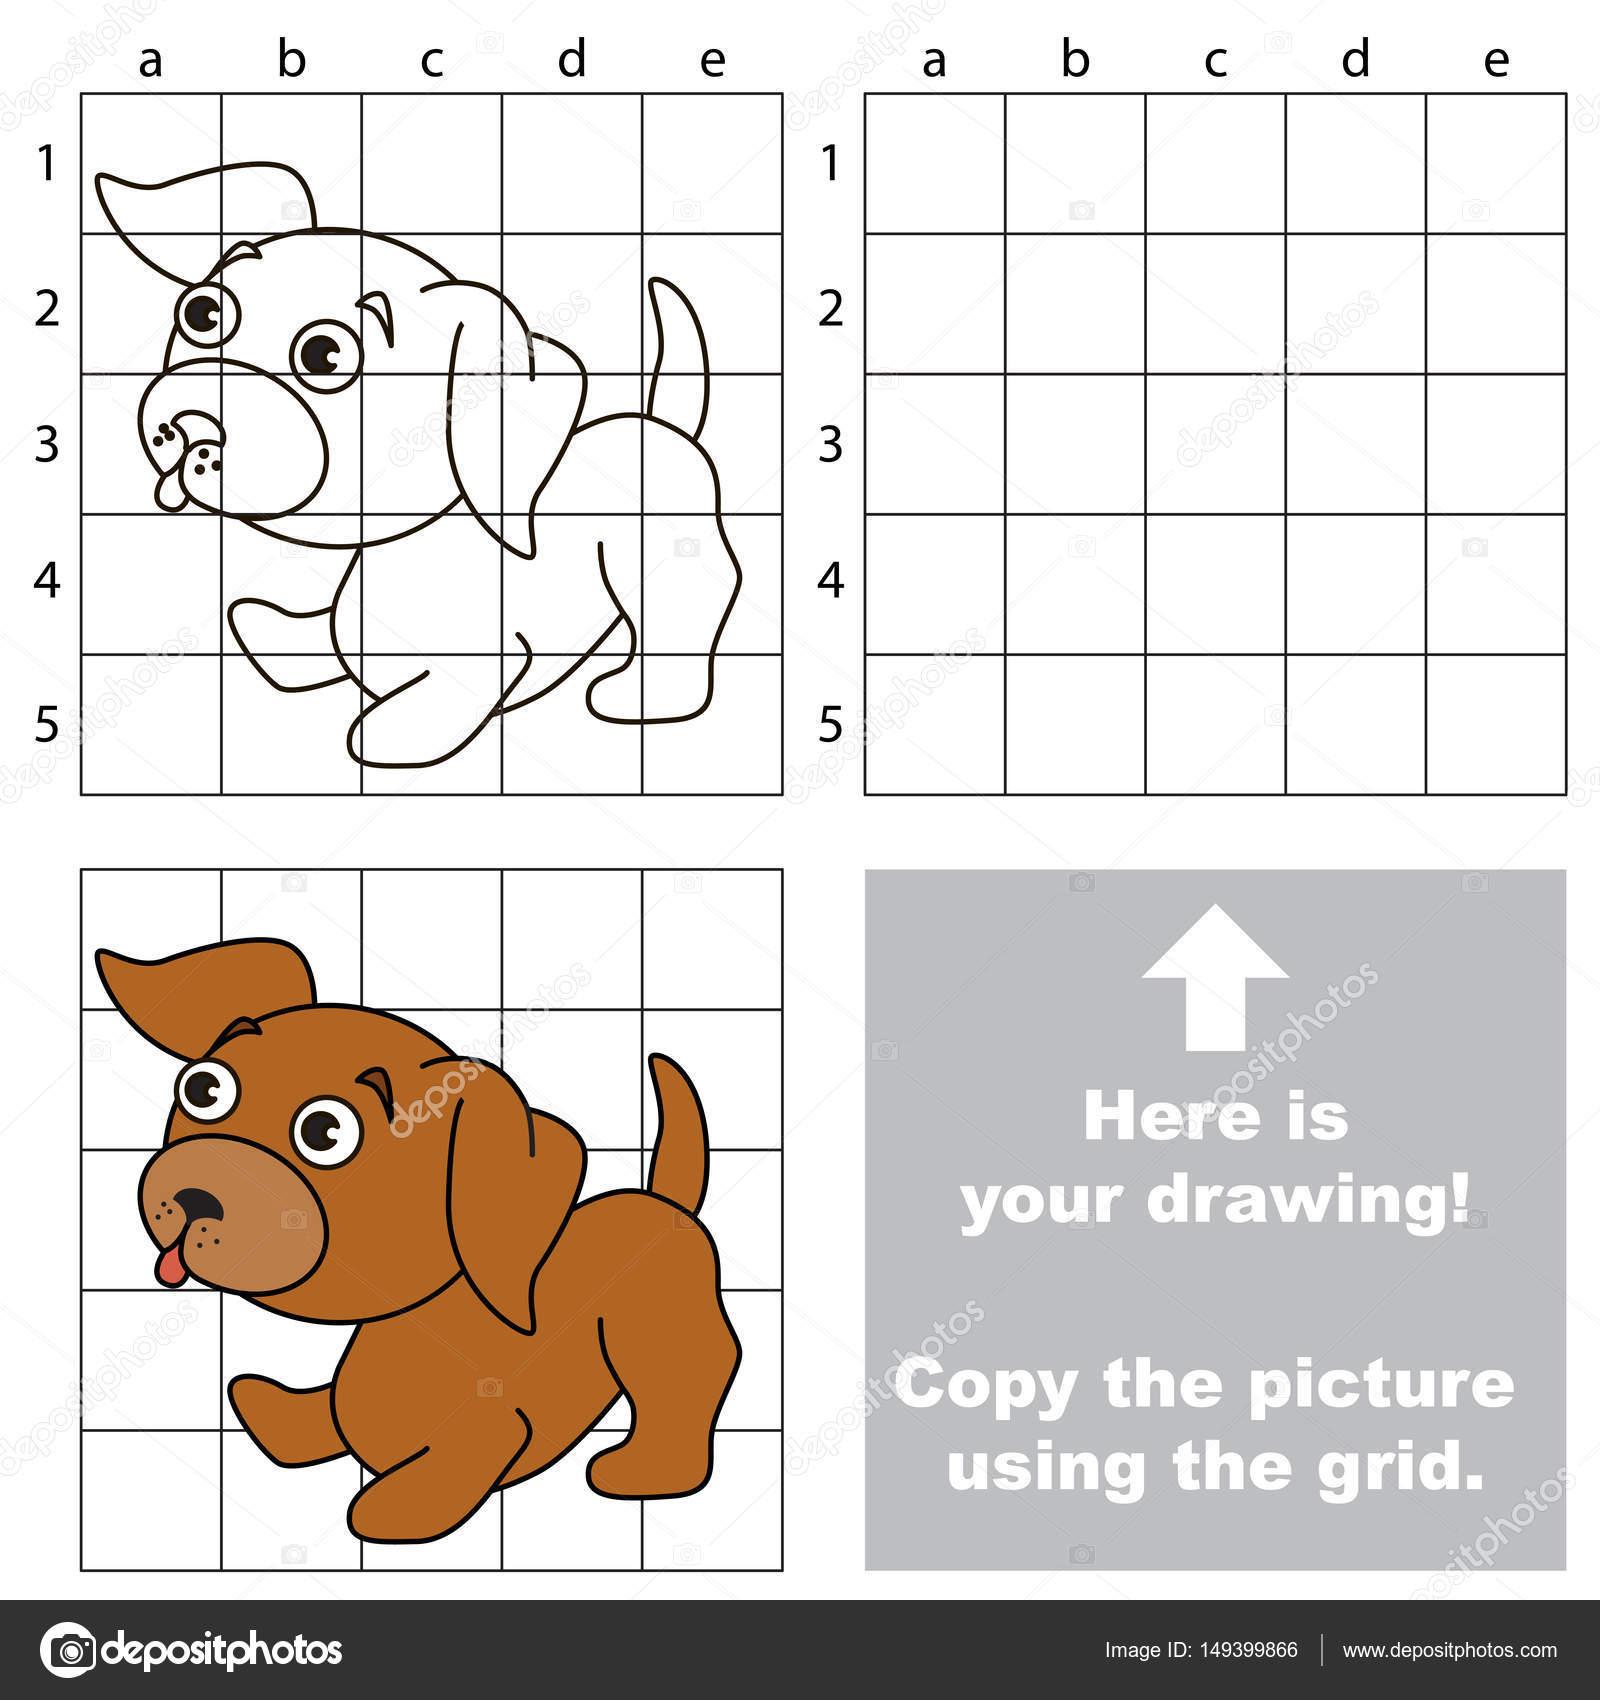 Kopieren Sie das Bild mit Raster, das einfache pädagogische Kind ...